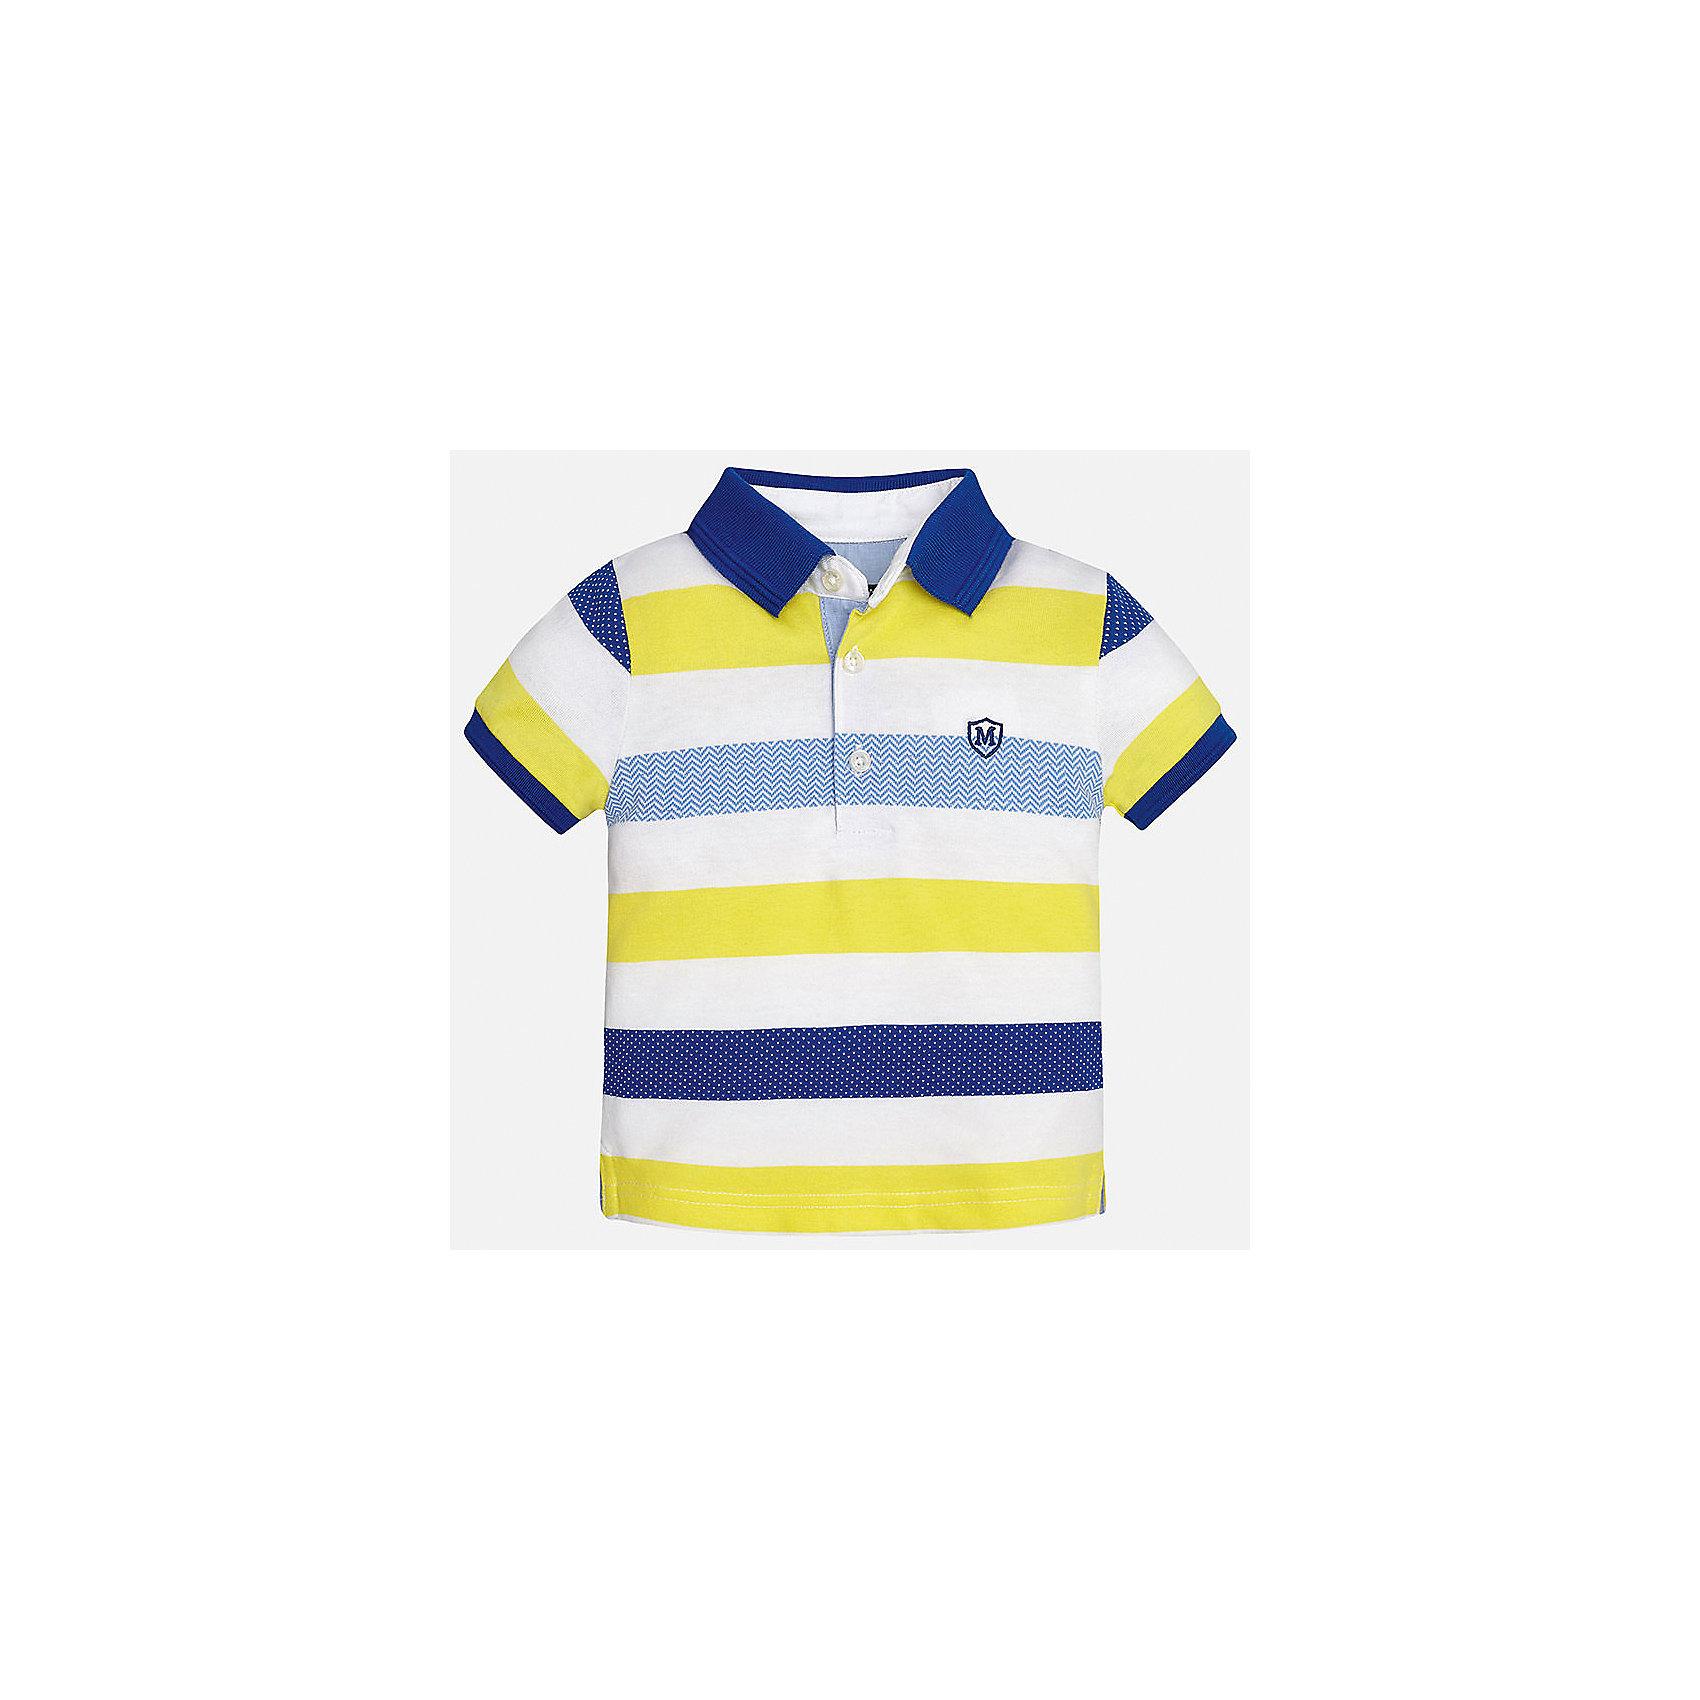 Футболка-поло для мальчика MayoralФутболки, поло и топы<br>Характеристики товара:<br><br>• цвет: белый/желтый/синий<br>• состав: 100% хлопок<br>• отложной воротник<br>• короткие рукава<br>• застежка: пуговицы<br>• декорирована вышивкой<br>• страна бренда: Испания<br><br>Модная футболка-поло для мальчика может стать базовой вещью в гардеробе ребенка. Она отлично сочетается с брюками, шортами, джинсами и т.д. Универсальный крой и цвет позволяет подобрать к вещи низ разных расцветок. Практичное и стильное изделие! В составе материала - только натуральный хлопок, гипоаллергенный, приятный на ощупь, дышащий.<br><br>Одежда, обувь и аксессуары от испанского бренда Mayoral полюбились детям и взрослым по всему миру. Модели этой марки - стильные и удобные. Для их производства используются только безопасные, качественные материалы и фурнитура. Порадуйте ребенка модными и красивыми вещами от Mayoral! <br><br>Футболку-поло для мальчика от испанского бренда Mayoral (Майорал) можно купить в нашем интернет-магазине.<br><br>Ширина мм: 230<br>Глубина мм: 40<br>Высота мм: 220<br>Вес г: 250<br>Цвет: желтый<br>Возраст от месяцев: 12<br>Возраст до месяцев: 15<br>Пол: Мужской<br>Возраст: Детский<br>Размер: 80,92,86<br>SKU: 5279418